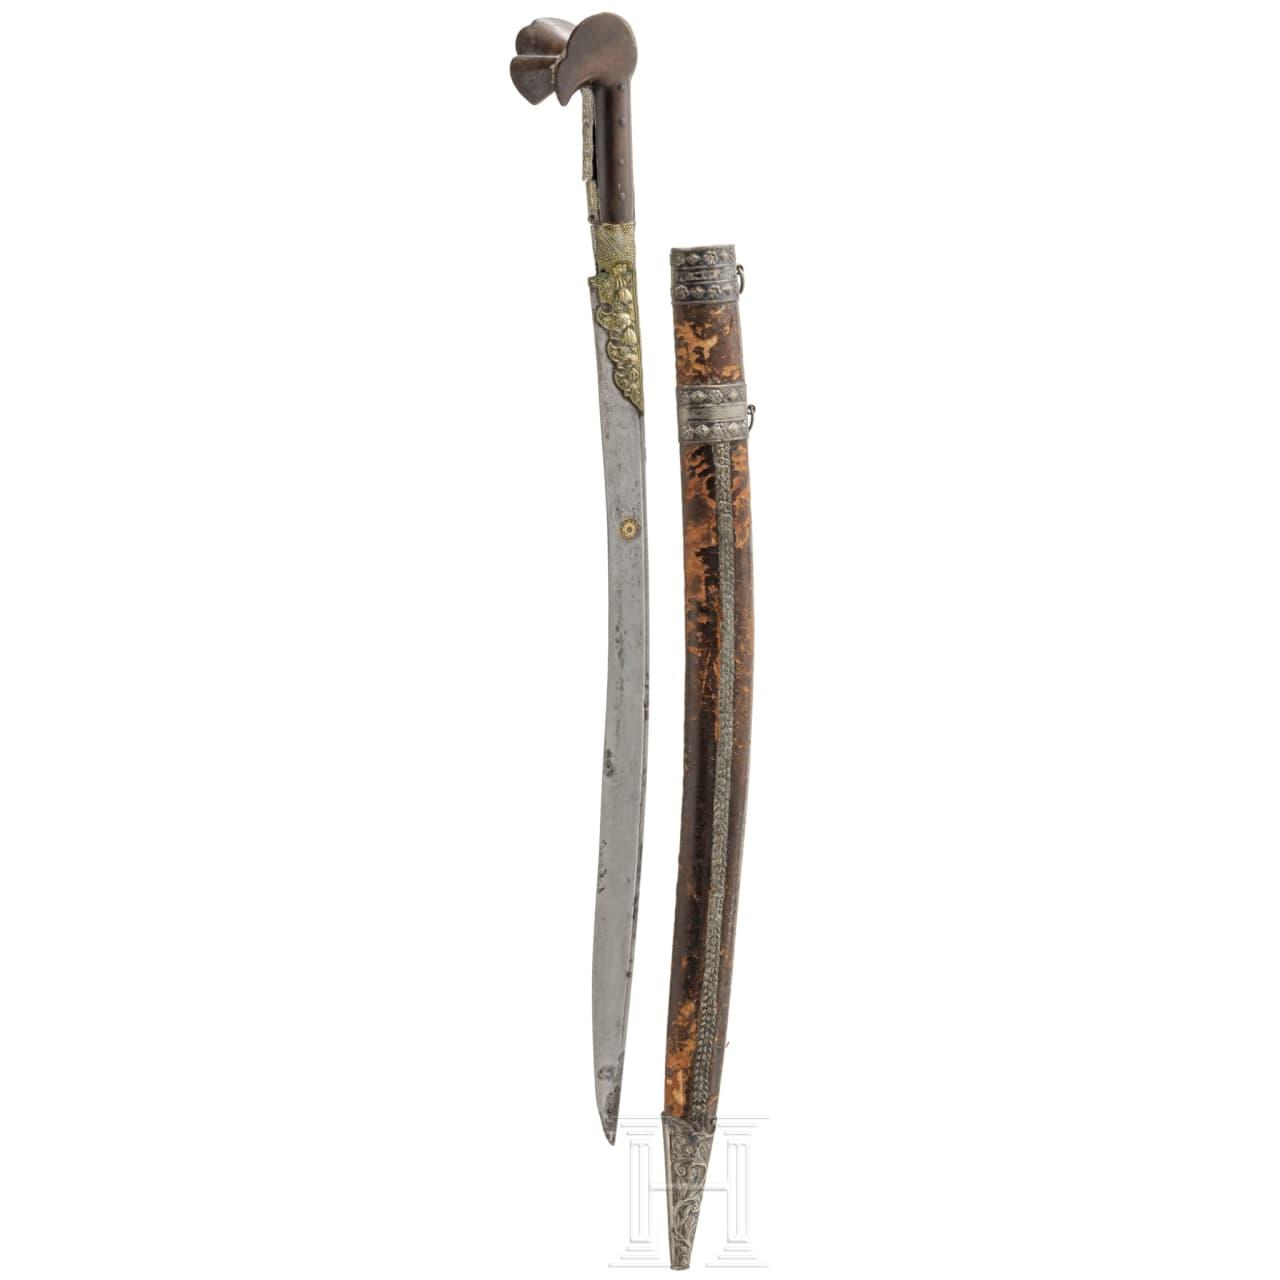 Goldtauschierter Yatagan, osmanisch, datiert 1206 H. (1791/2)